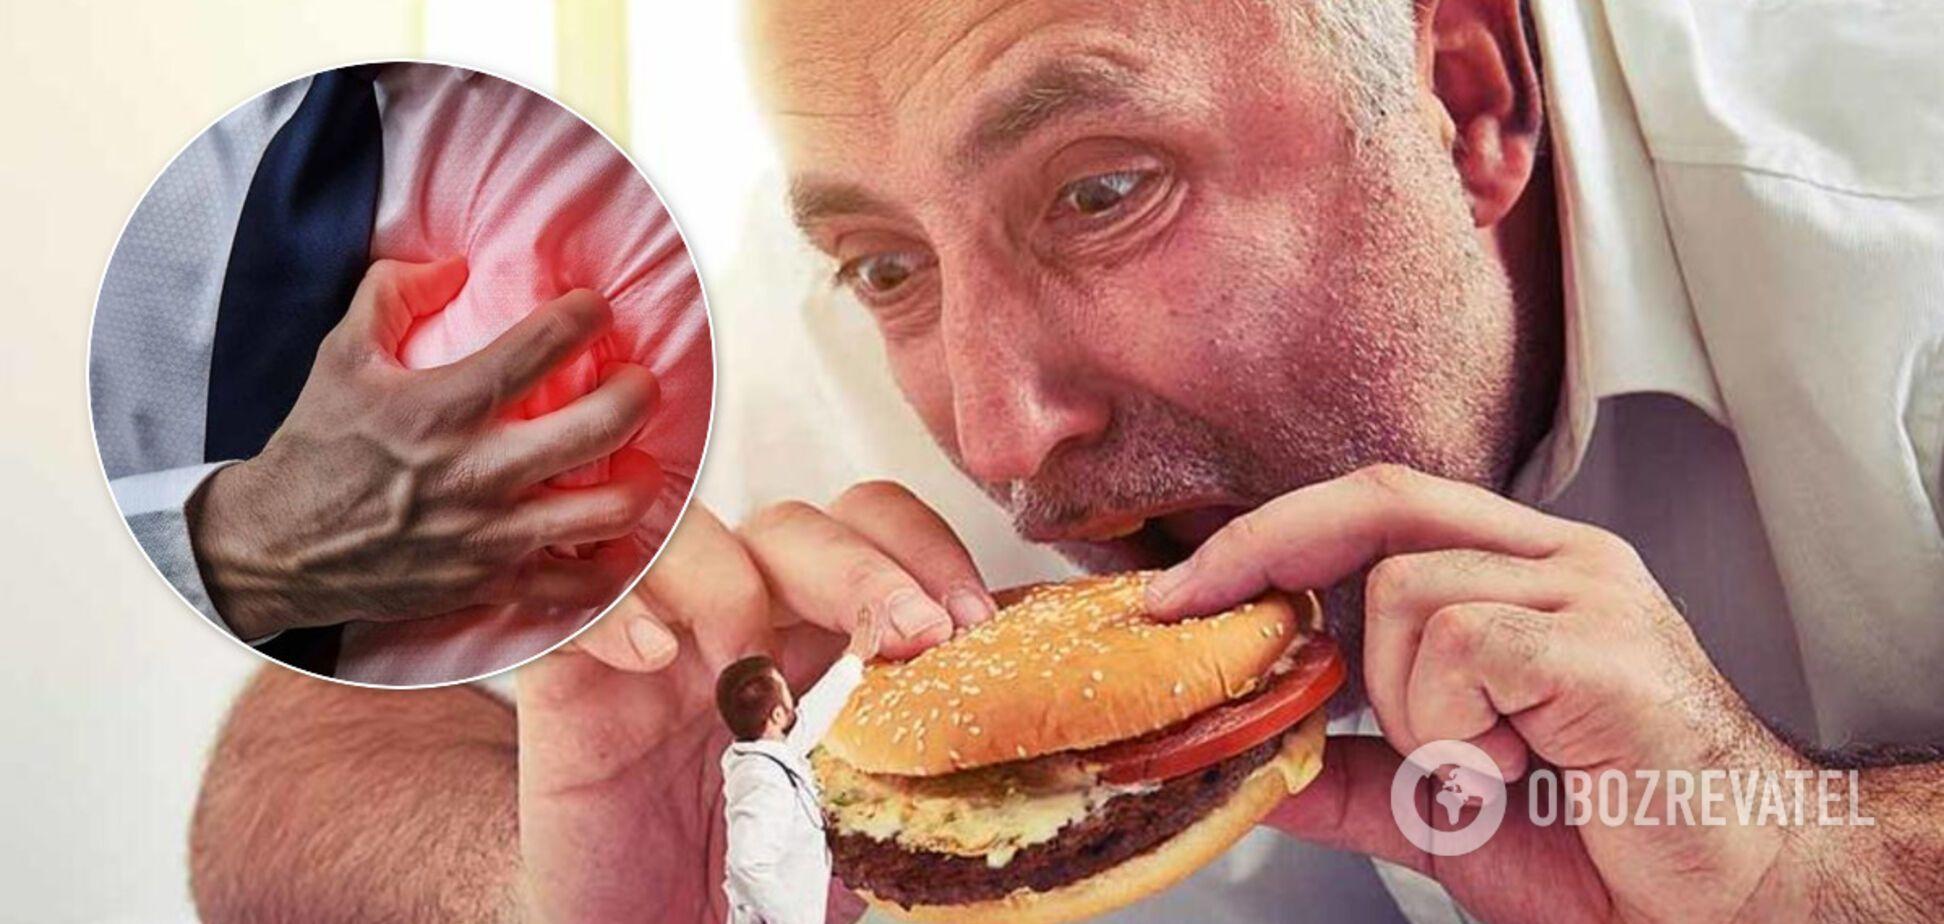 Названо три небезпечні продукти, які провокують інфаркт